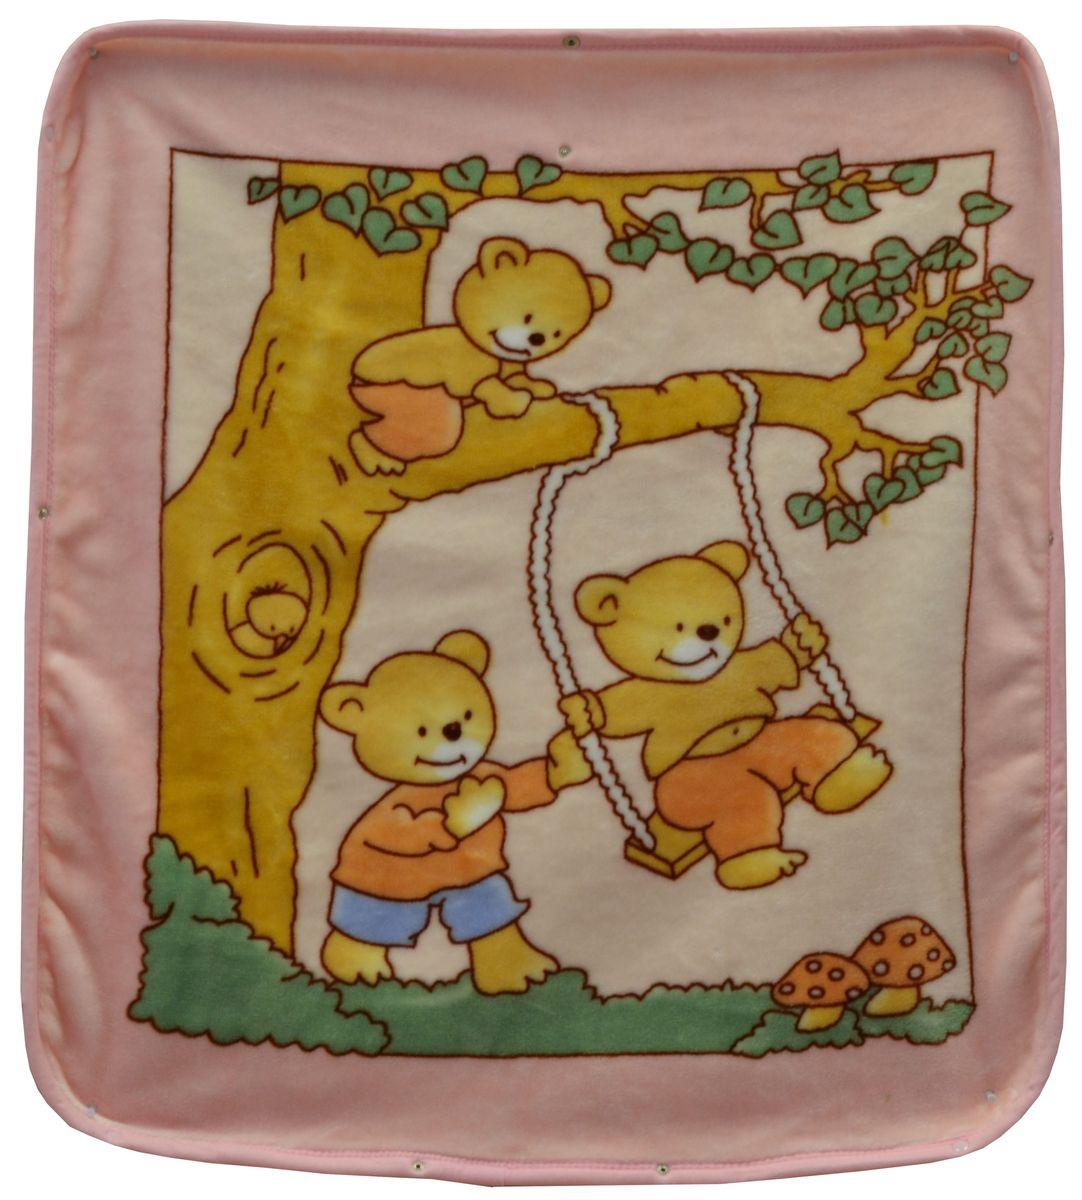 Bonne Fee Плед-накидка для младенцев на молнии 3, 80 х 90 см, цвет: розовыйЛЧ-3Плед-накидка для младенцев на молнии Bonne Fee - защита, тепло и комфорт для малышей - использован надёжный, качественный и мягкий материал! Удобство и спокойствие для родителей обеспечивается универсальностью пледа-накидки, конструкция которого позволяет ему легко превращаться в конвертик. Отличное качество и практичность! Любите своего ребёнка и дарите ему лучшее!